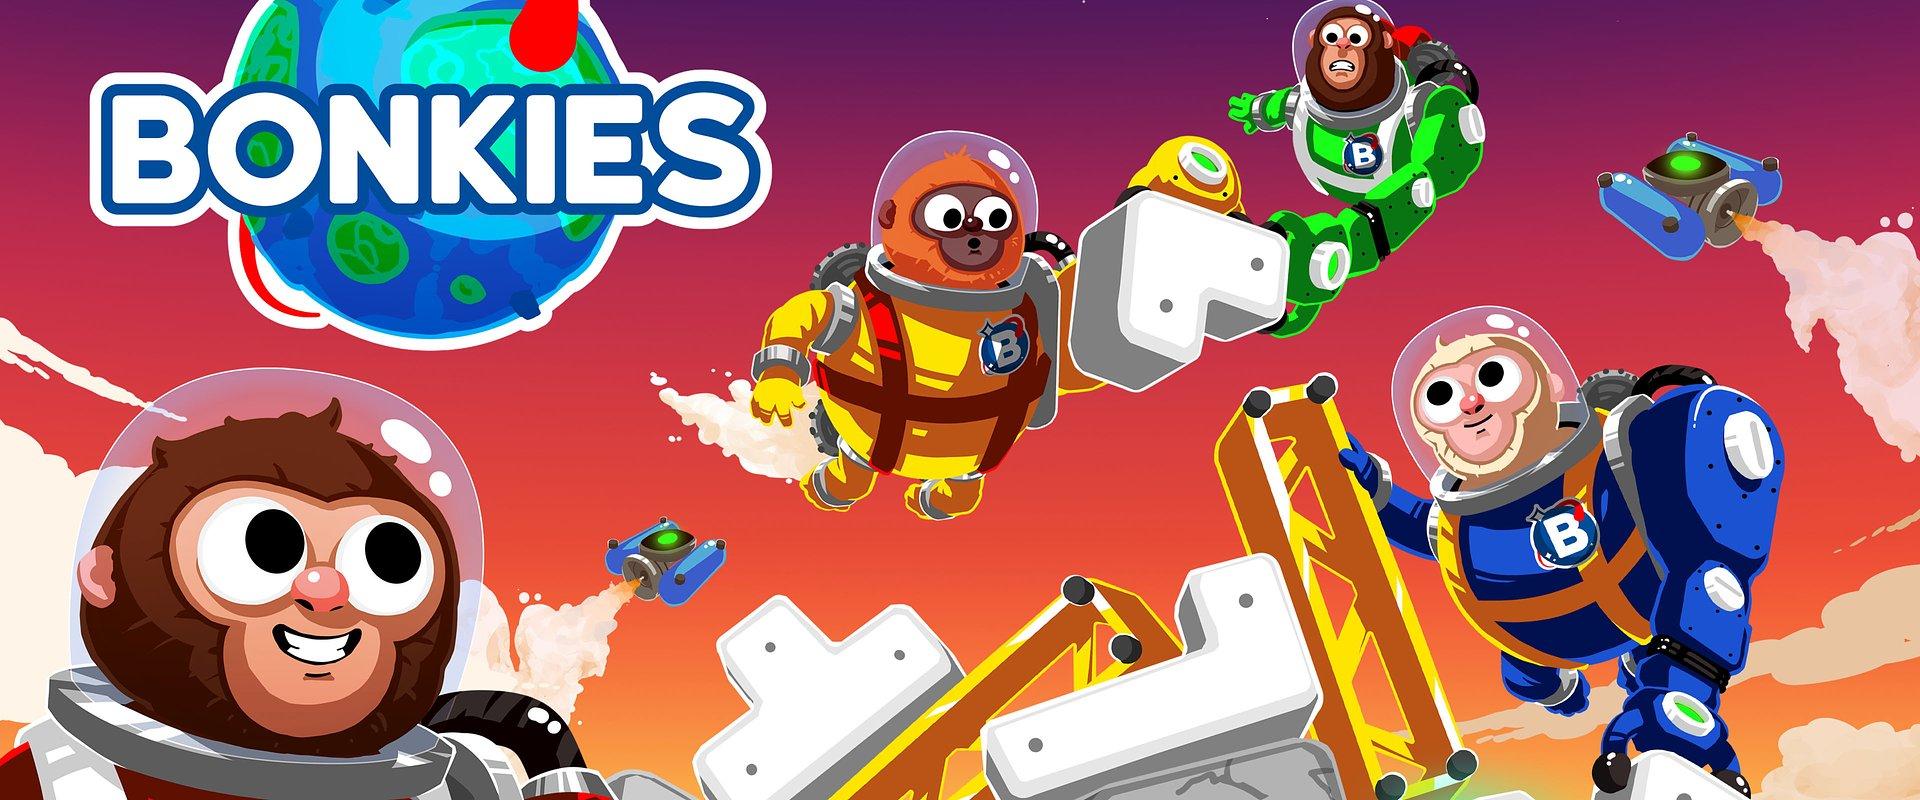 Что за весёлая суета? Да, просто, игра Bonkies вышла для Nintendo Switch, PS4, Xbox One и PC!